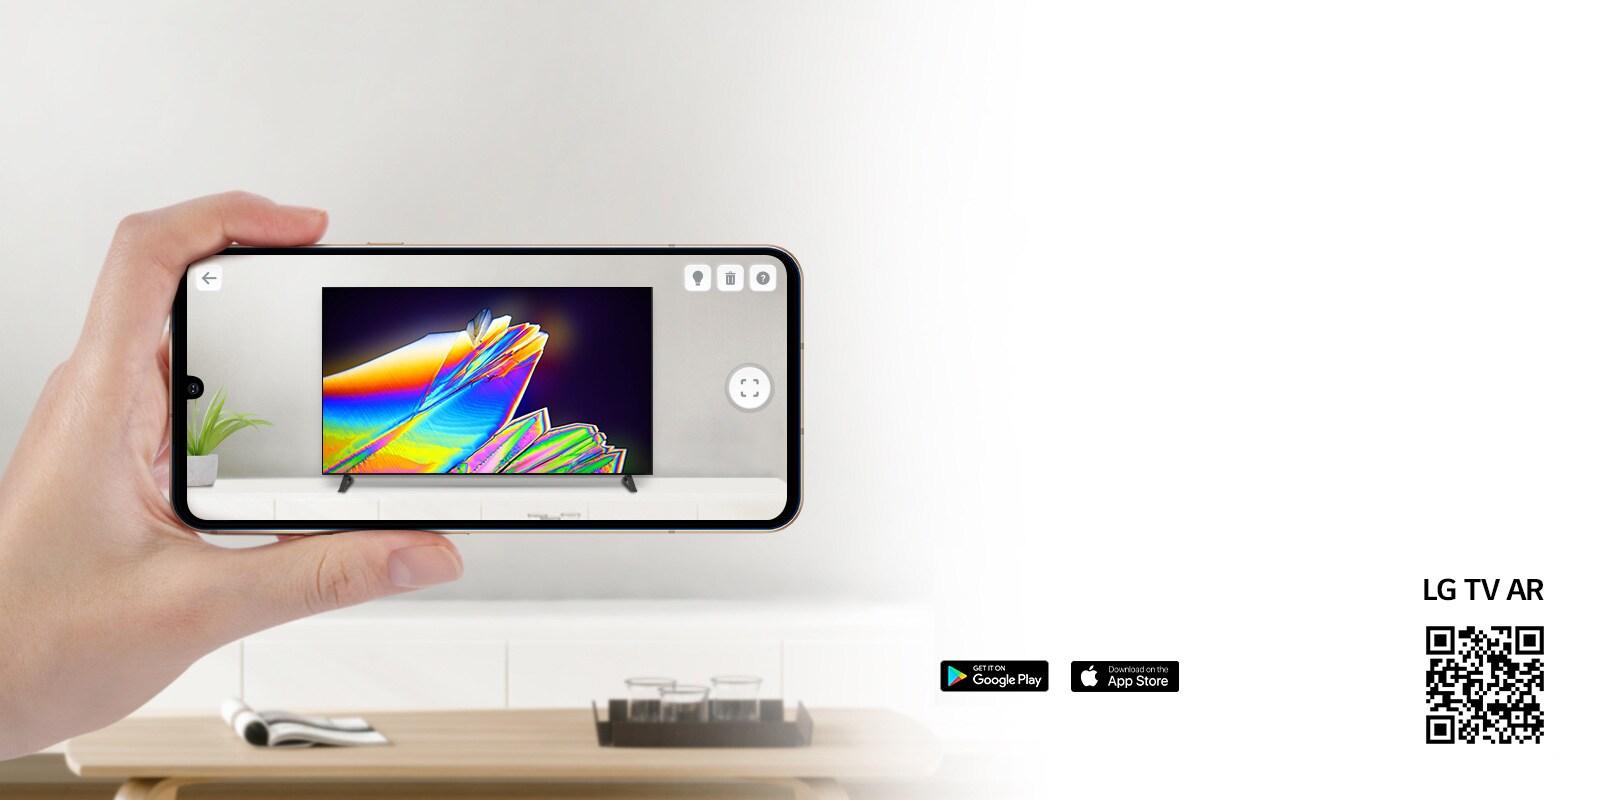 Une personne utilisant l'application TVAR DE LG sur un téléphone et un code QR qui renvoie à TVAR DE LG (http://www.lgtvism.com/lgtvar)